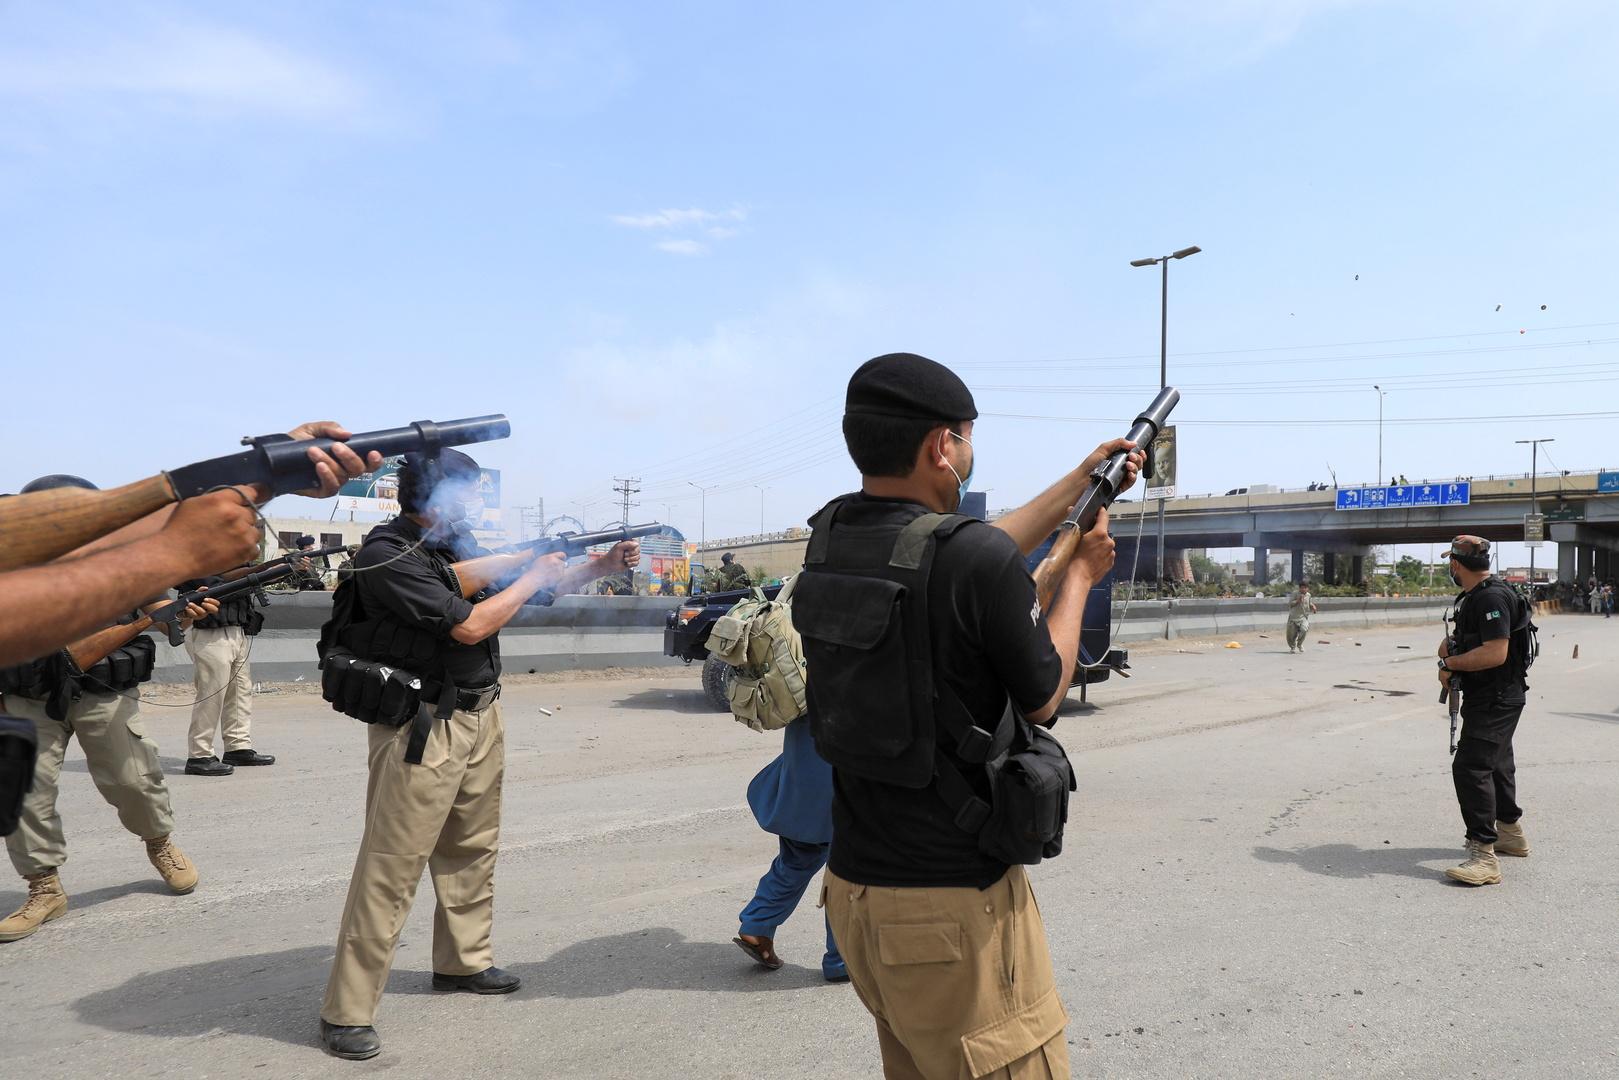 باكستان.. مقتل مسلحين وجندي في تبادل لإطلاق النار